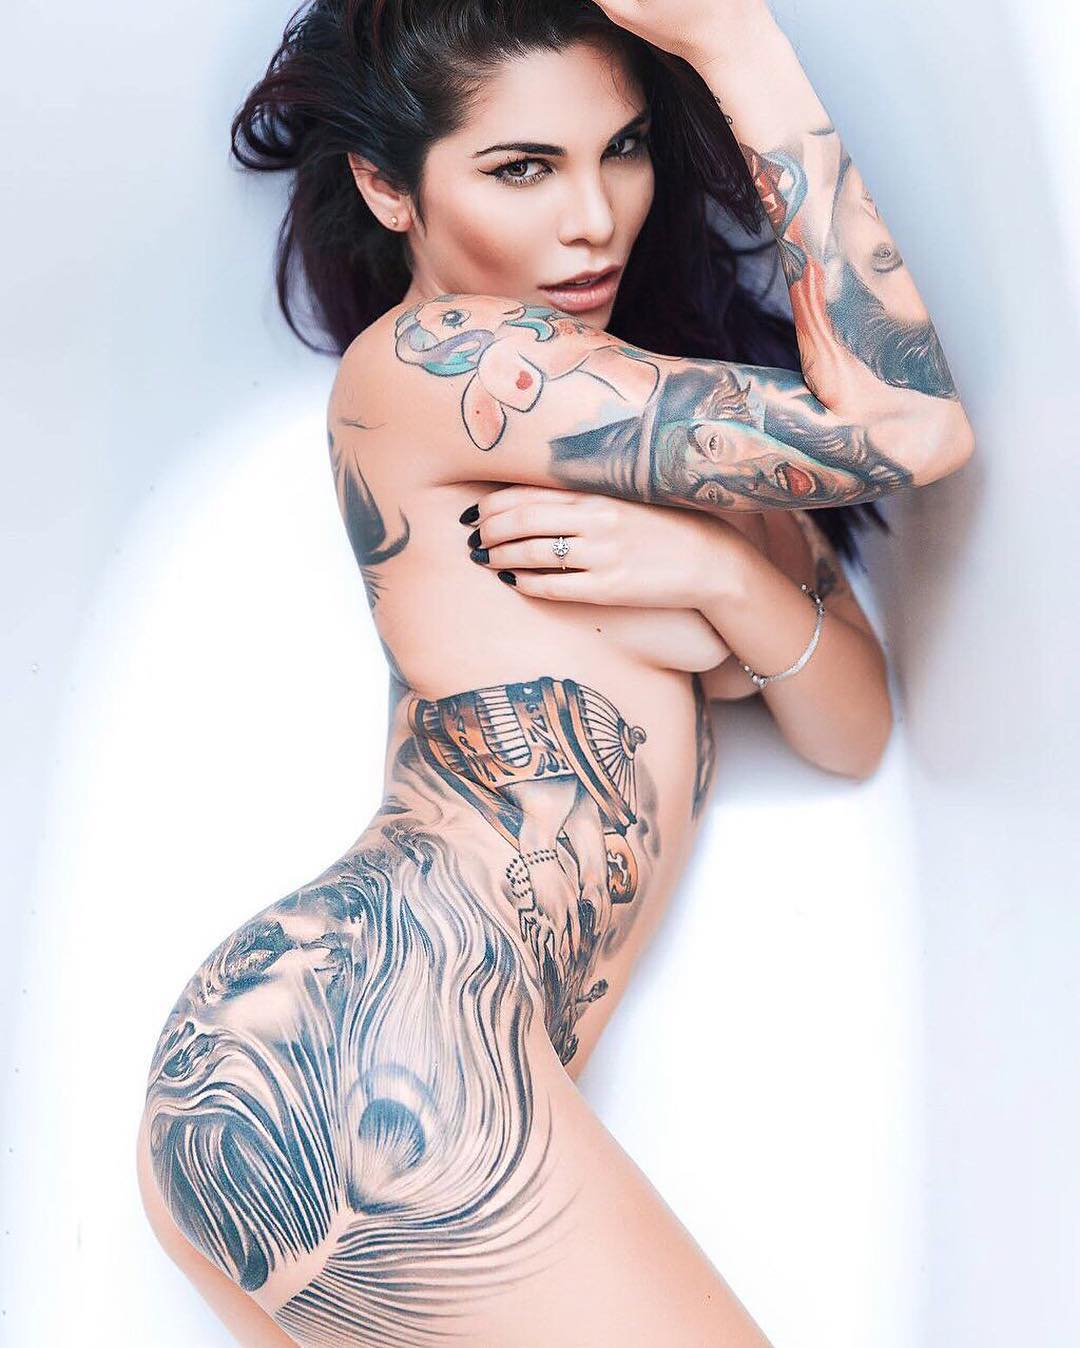 17 Kokendhete Vrouwen Die Laten Zien Dat Inkt Sexy Is Fhm